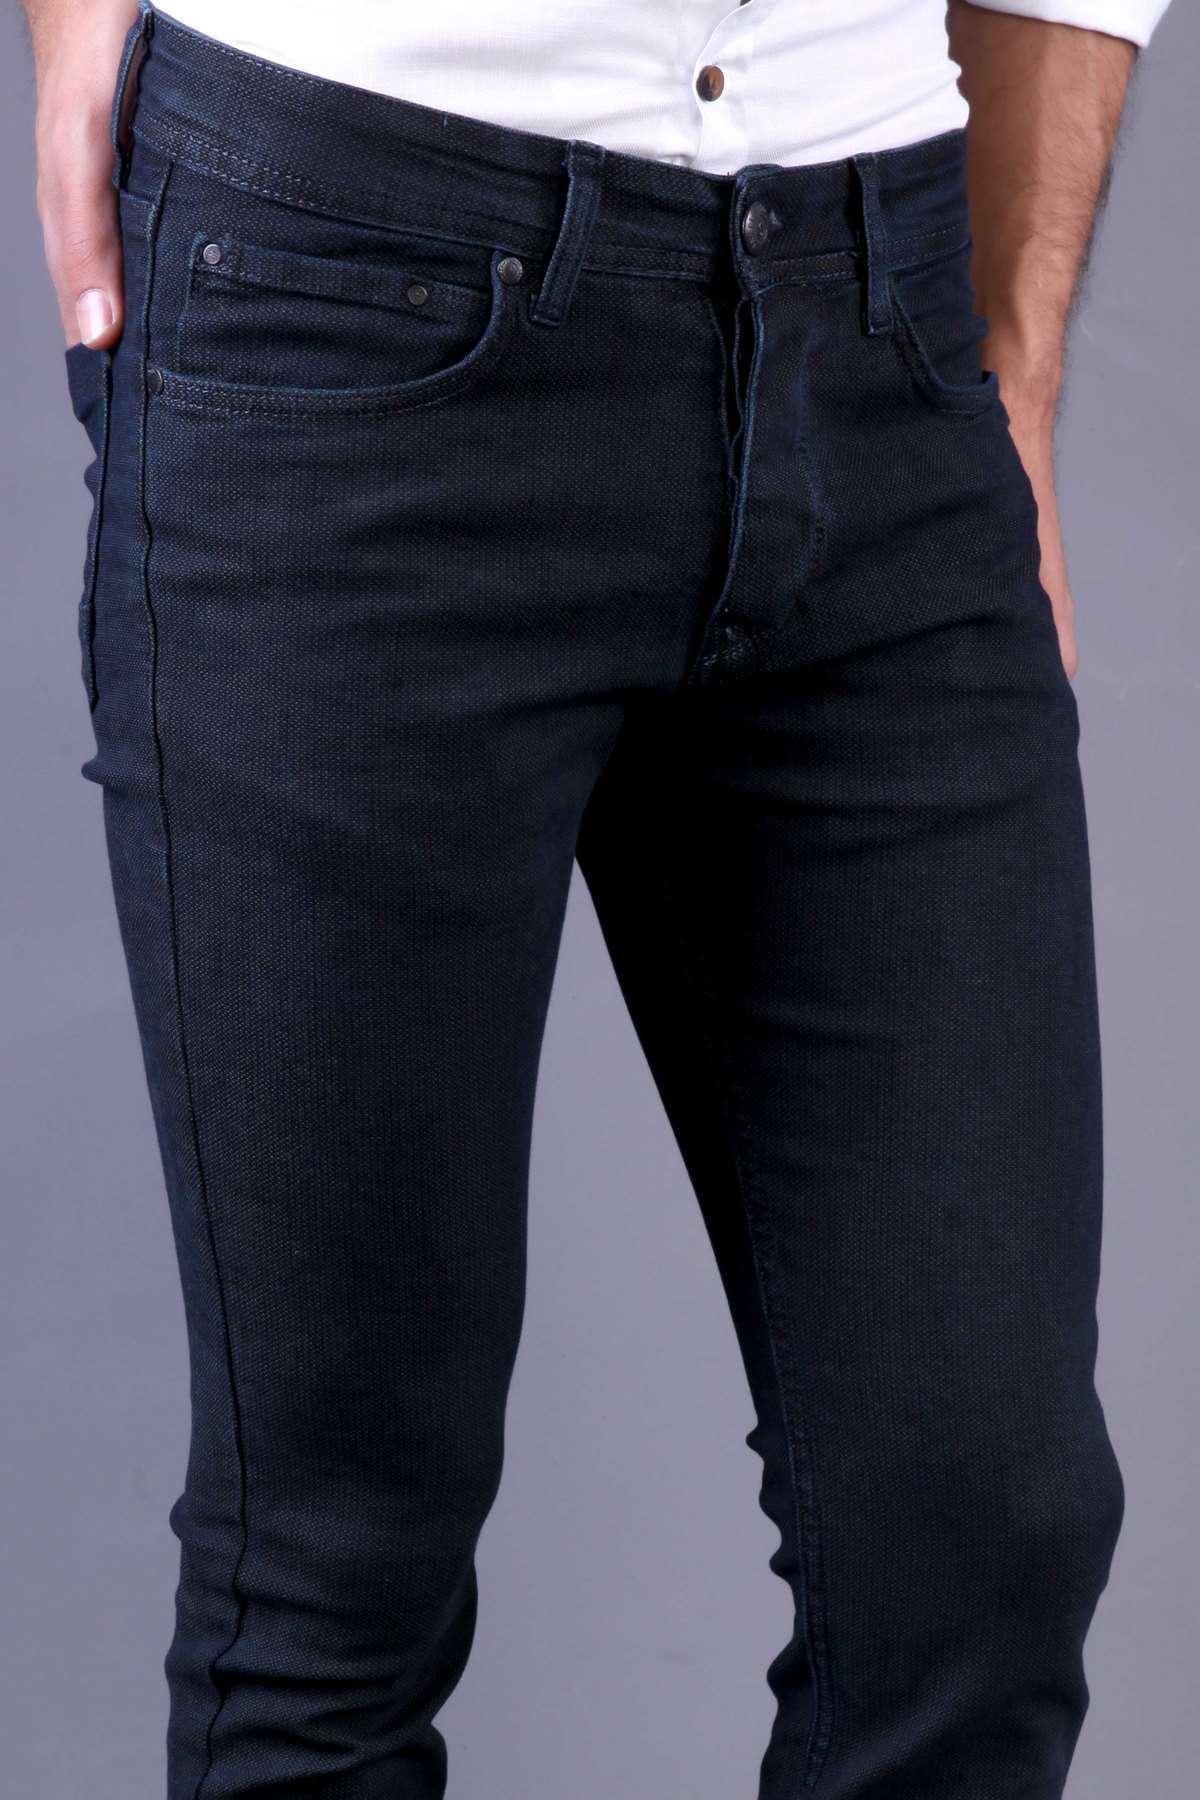 Küçük Nokta Desenli Slim Fit Kot Pantolon Haki-Lacivert